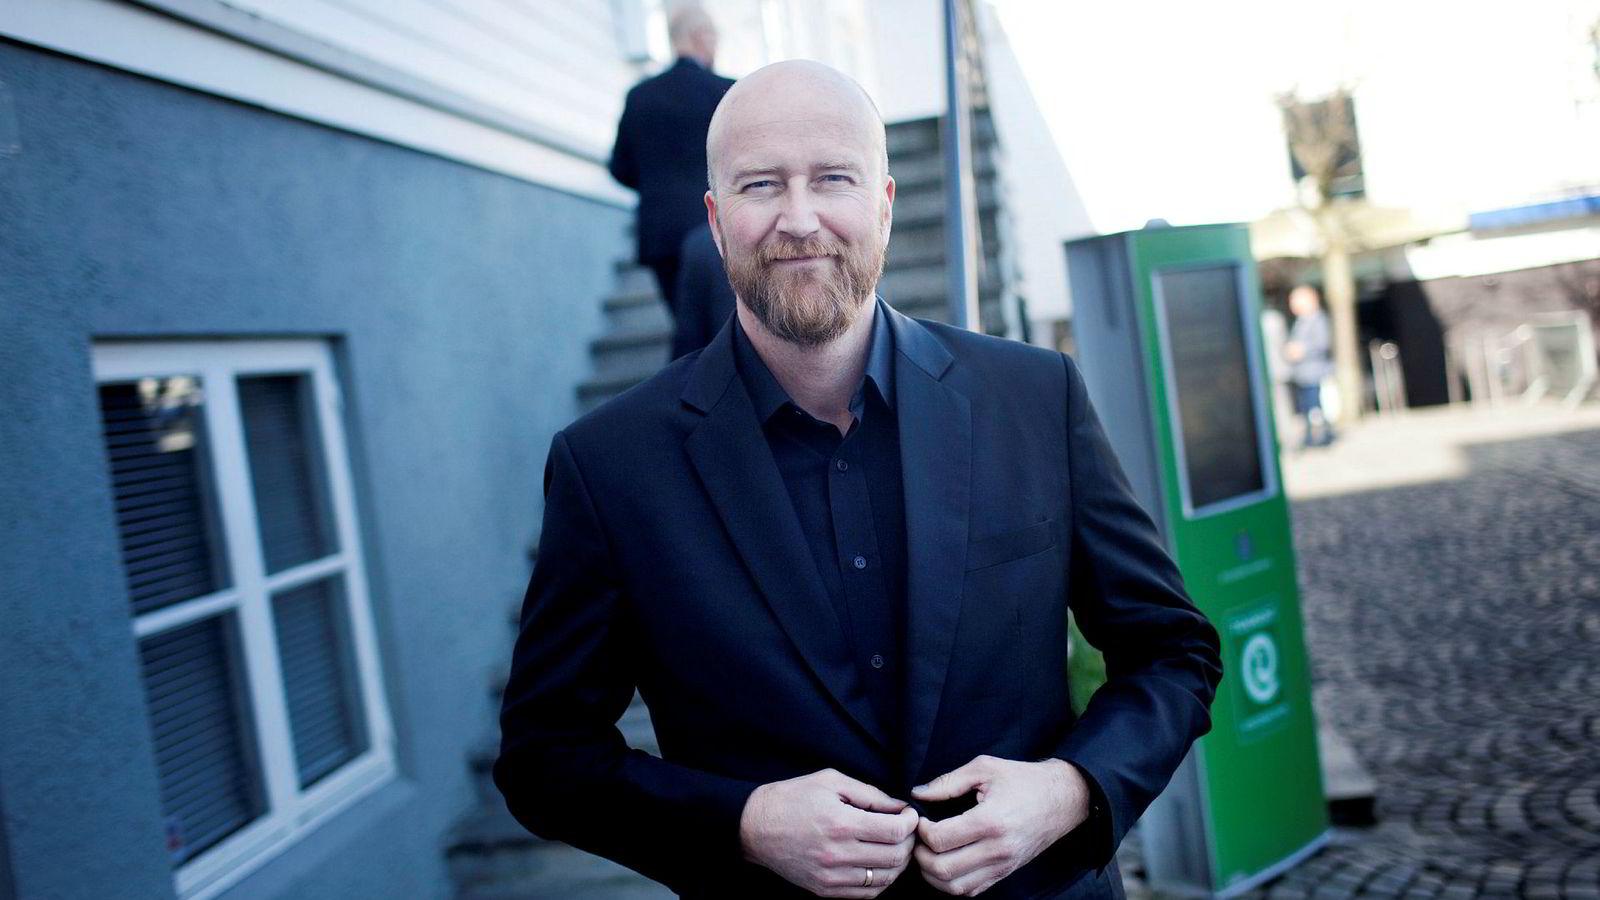 Torbjørn Kjus styrer energihandelvirksomheten Vistin Trading. – Vi tar illikvide posisjoner som når de nærmer seg utløp blir likvide, sier han.